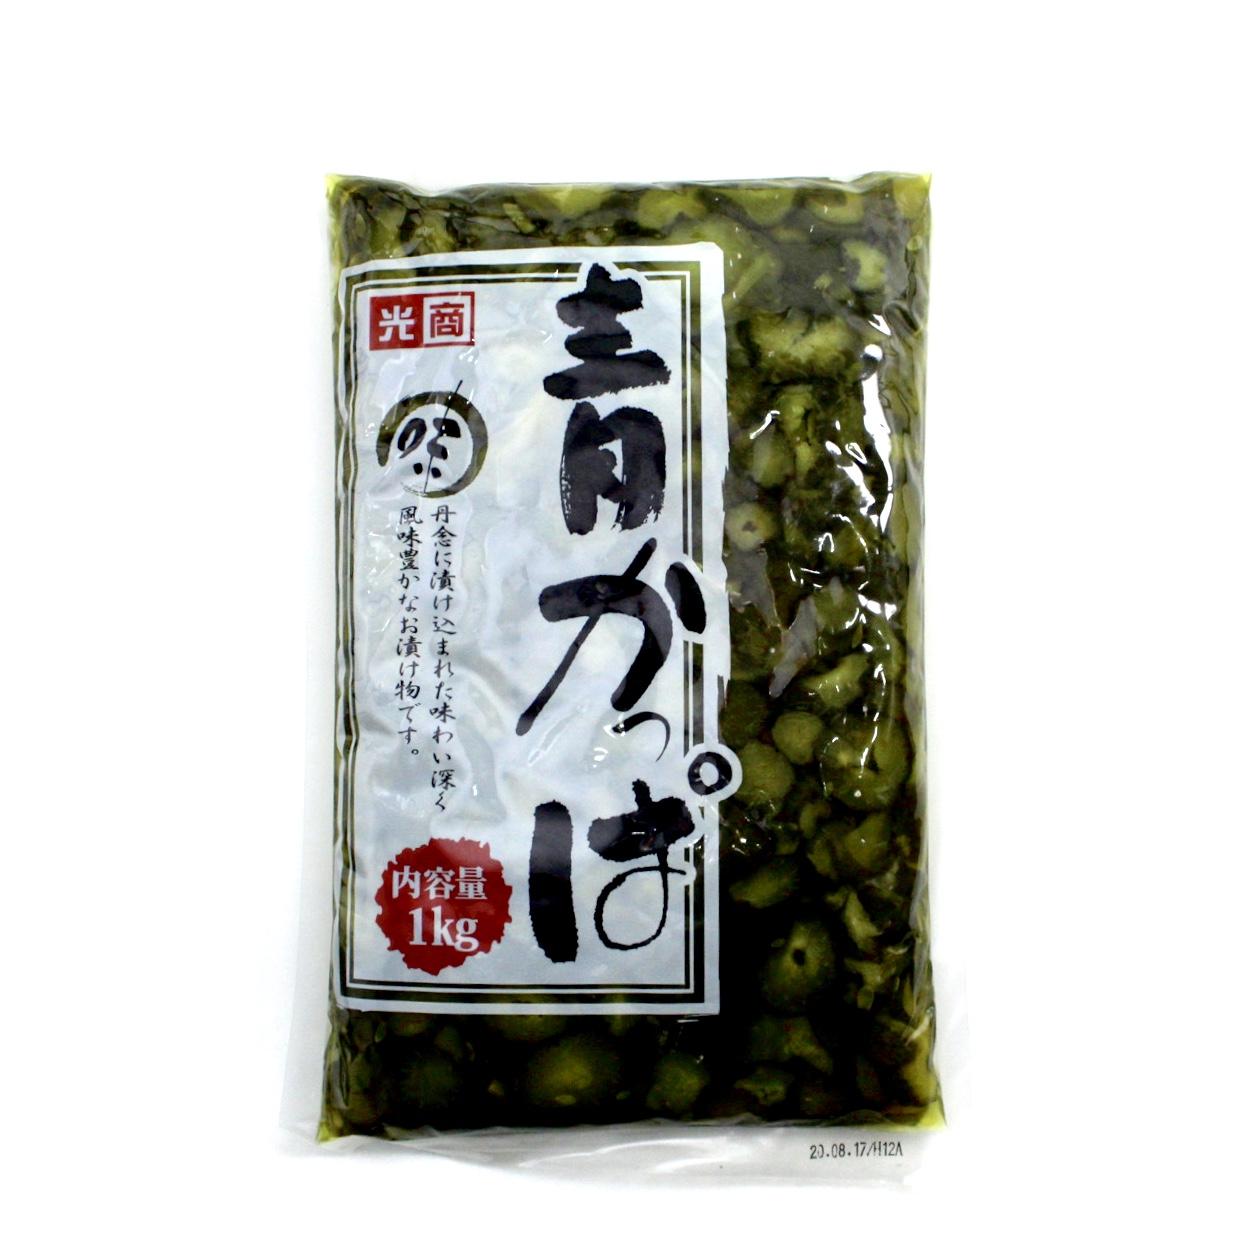 KOUSYO AOKAPPA 1kg